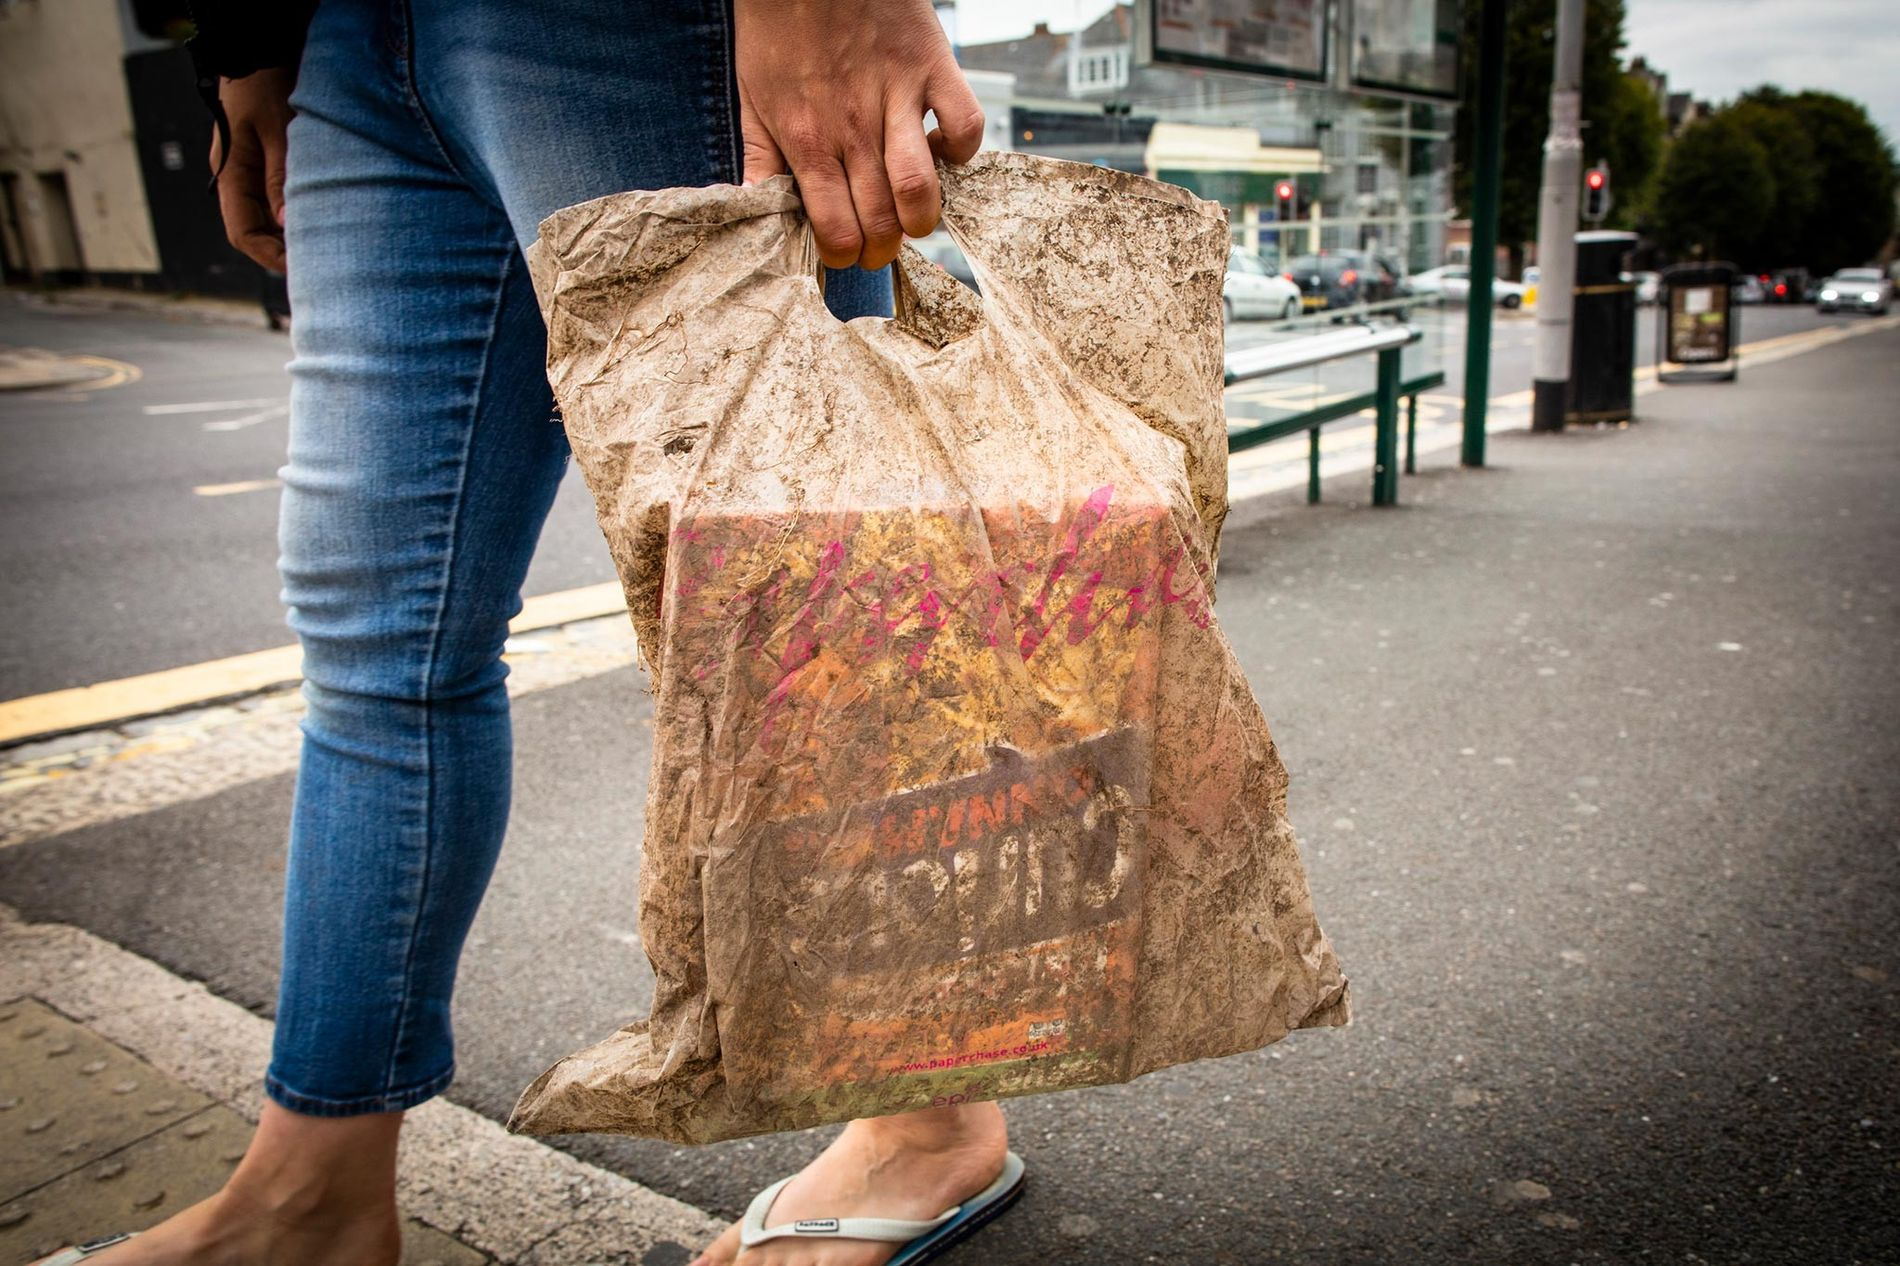 In einer biologisch abbaubaren Plastiktüte, die drei Jahre lang im Erdboden lag, konnten immer noch Einkäufe transportiert werden.